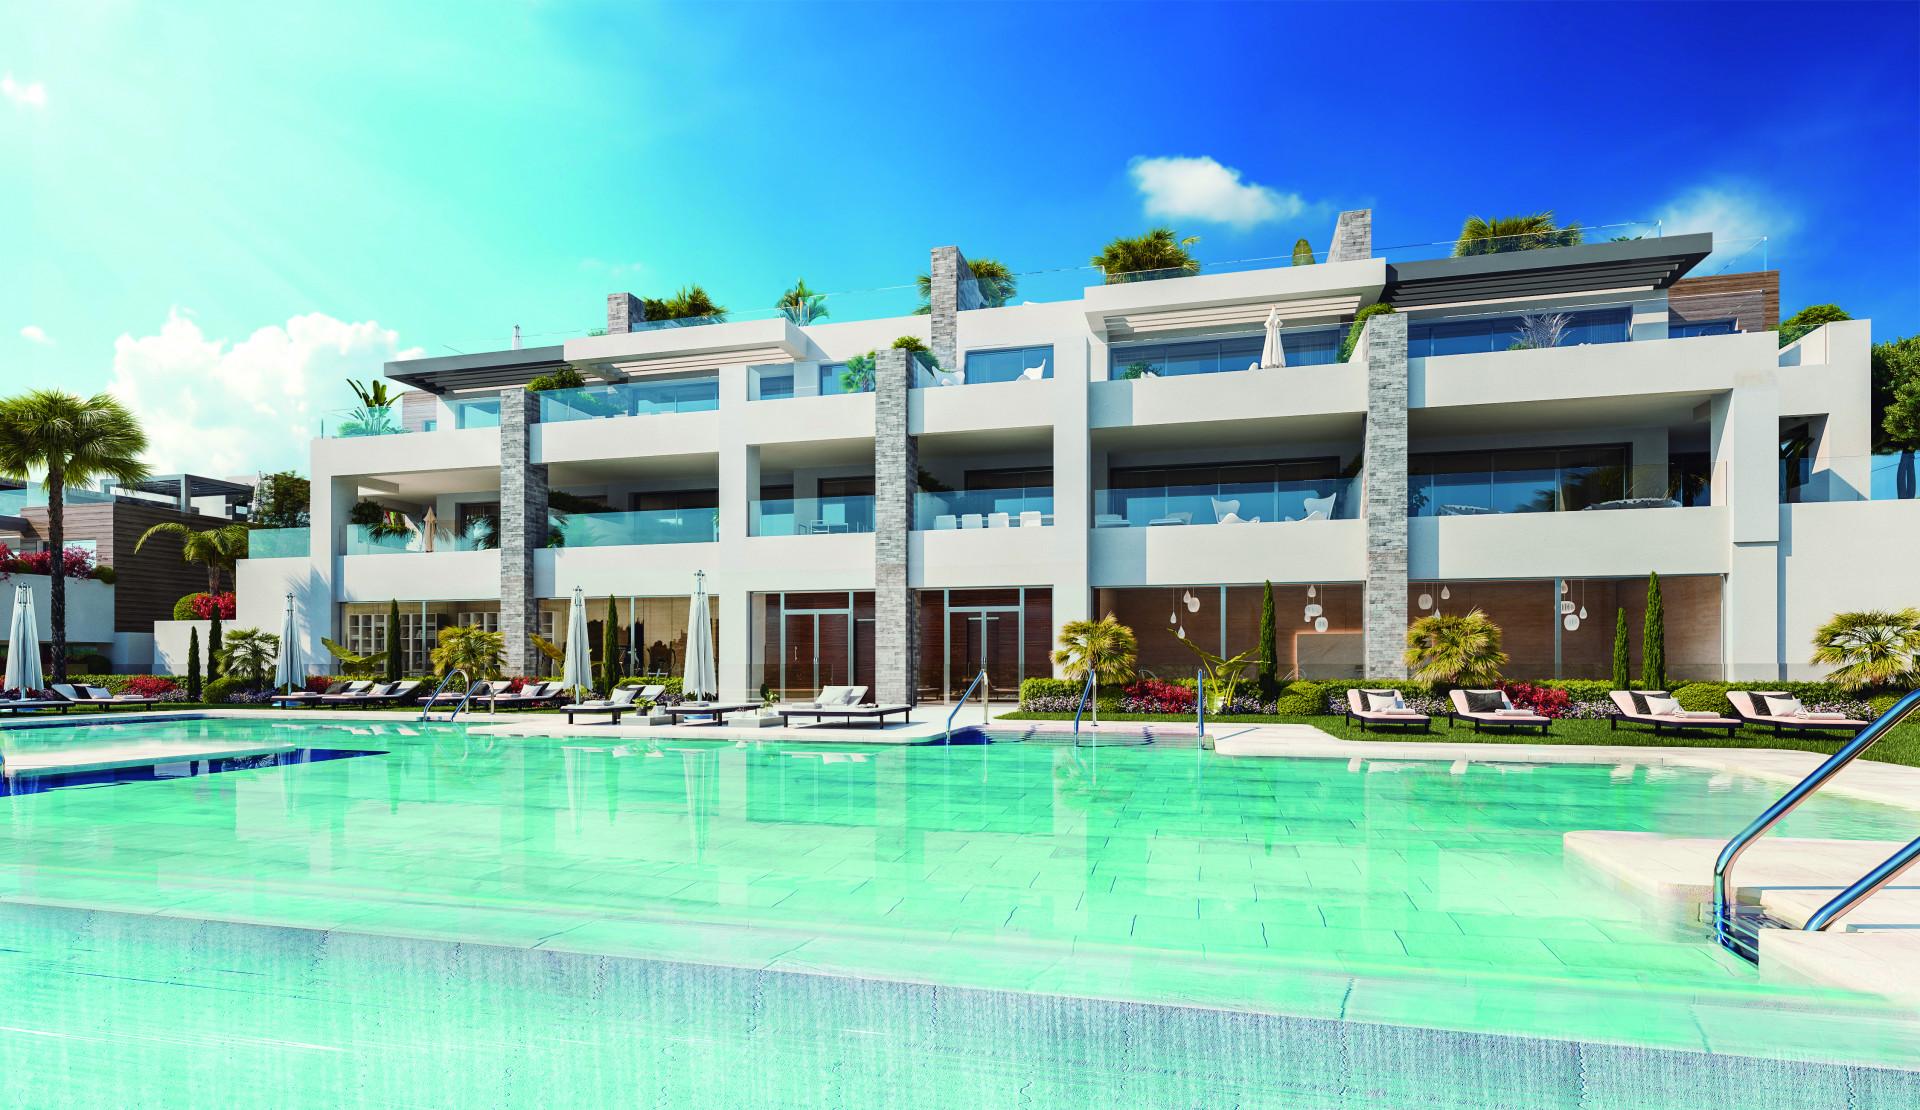 ARFA1324 - Neubauprojekt für Wohnungen in Artola Alta in Marbella